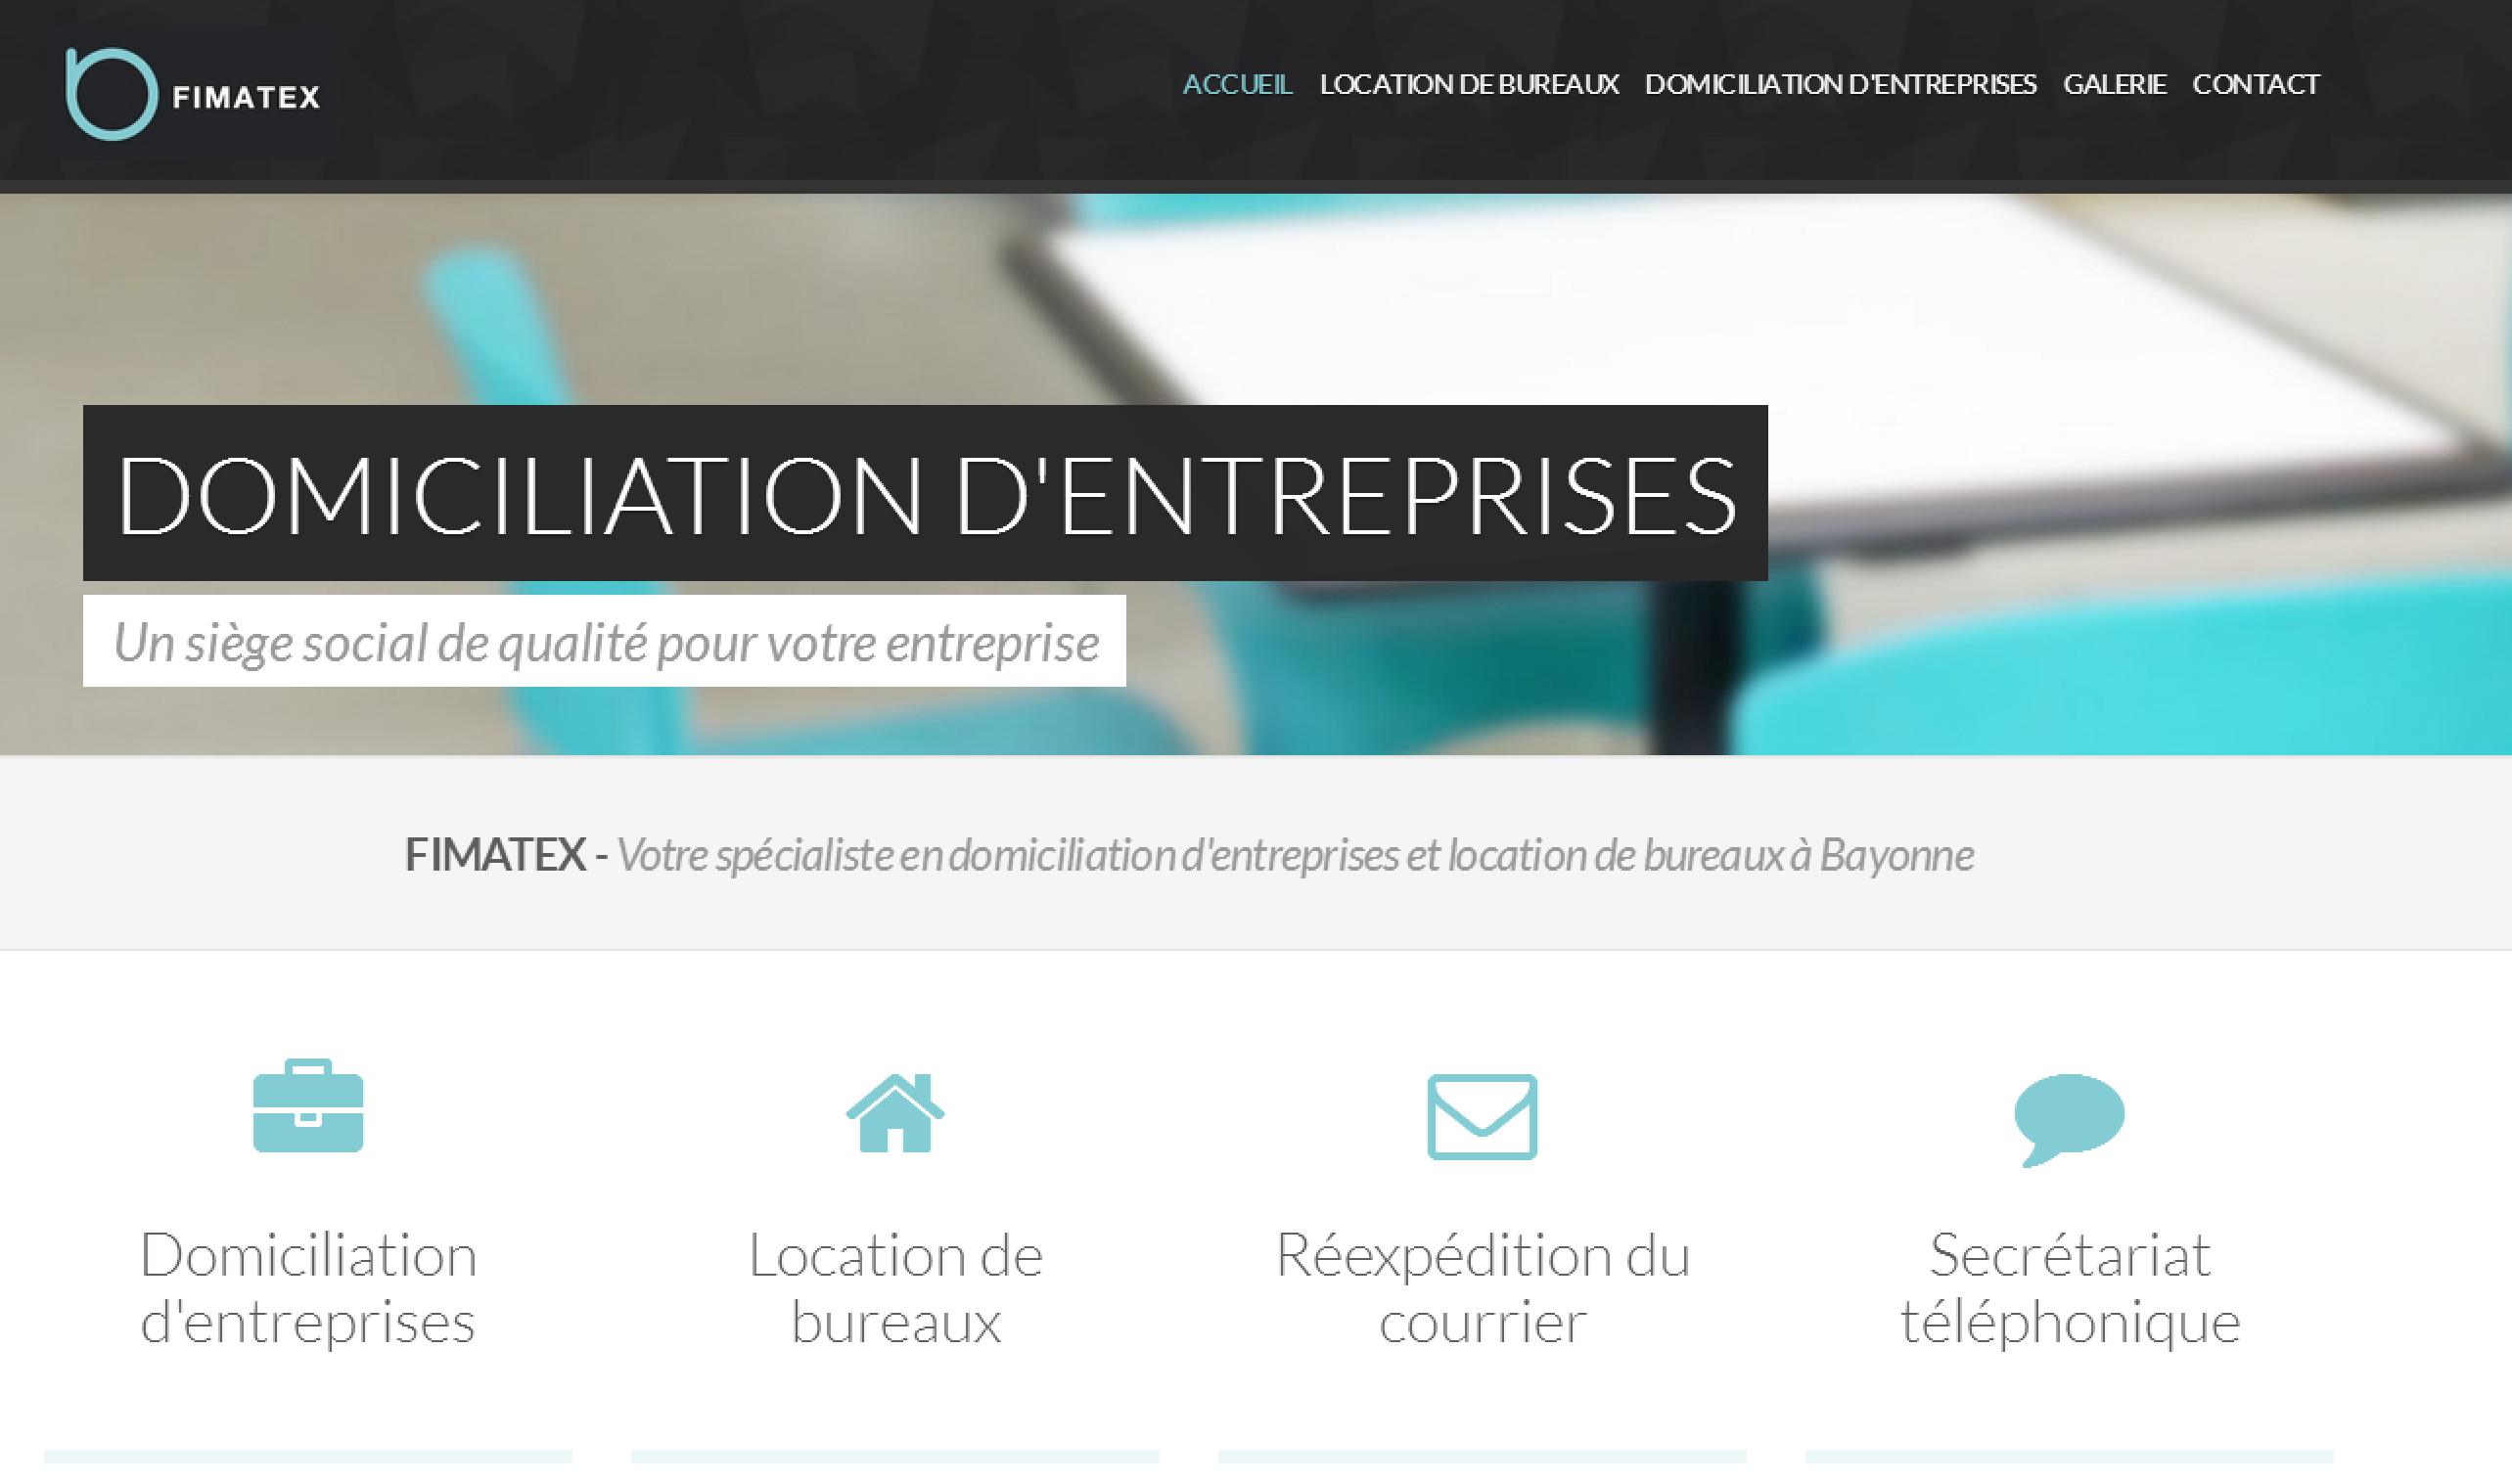 Site institutionnel FIMATEX